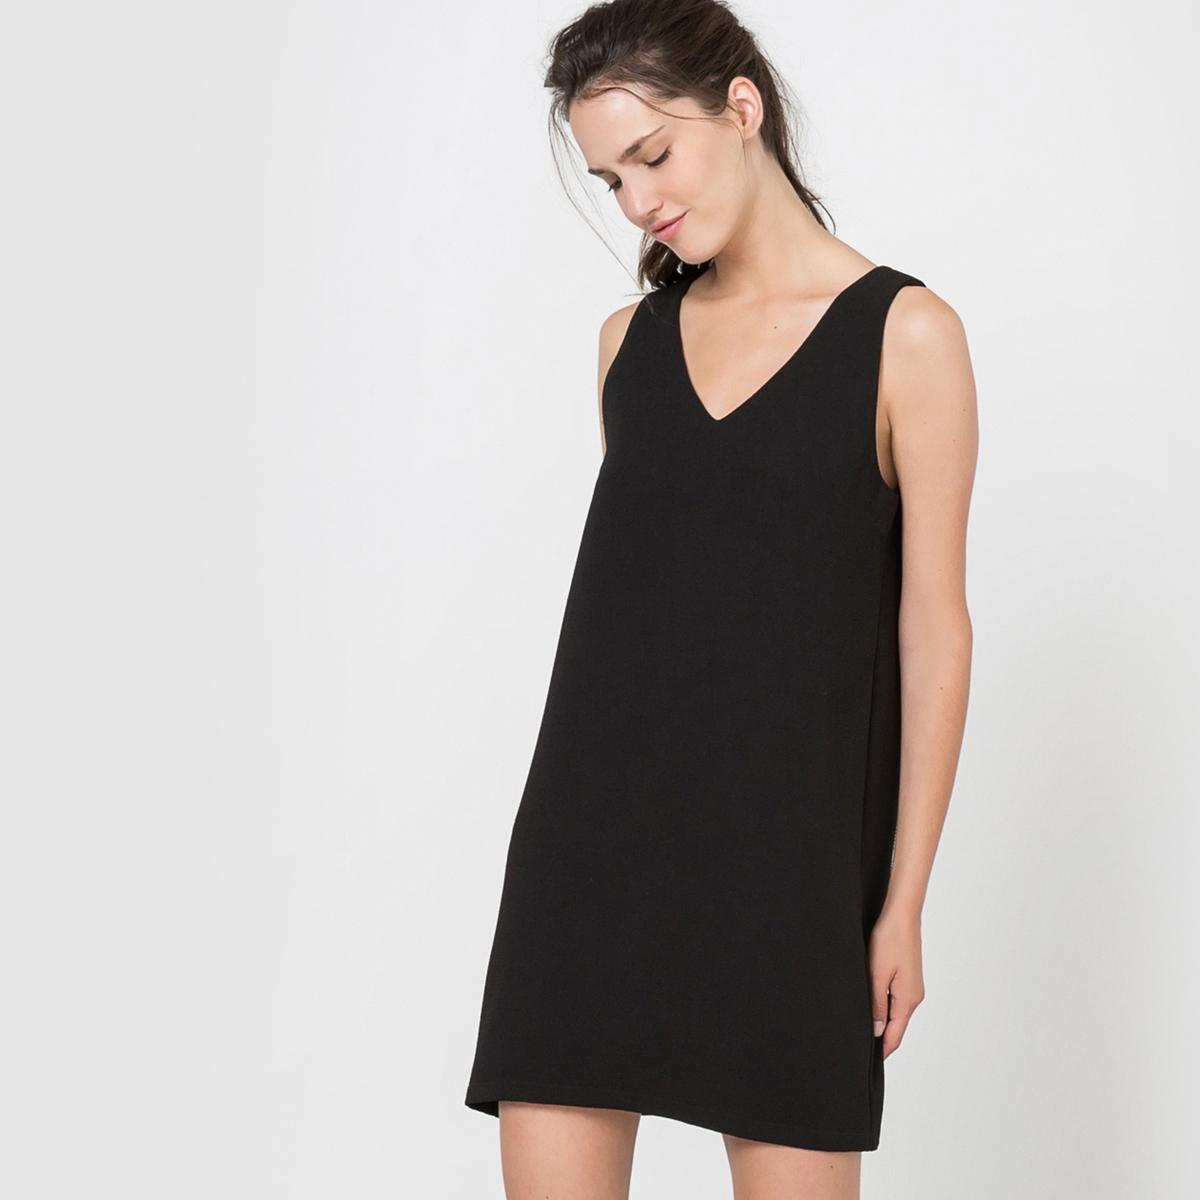 Платье прямого покроя декольтированное без рукавовСостав и описаниеМатериал: 100% полиэстер.Марка: MOLLY BRACKEN.УходСтирка при 30°С с вещами подобных цветов.Стирать и гладить с изнанки.<br><br>Цвет: черный<br>Размер: S